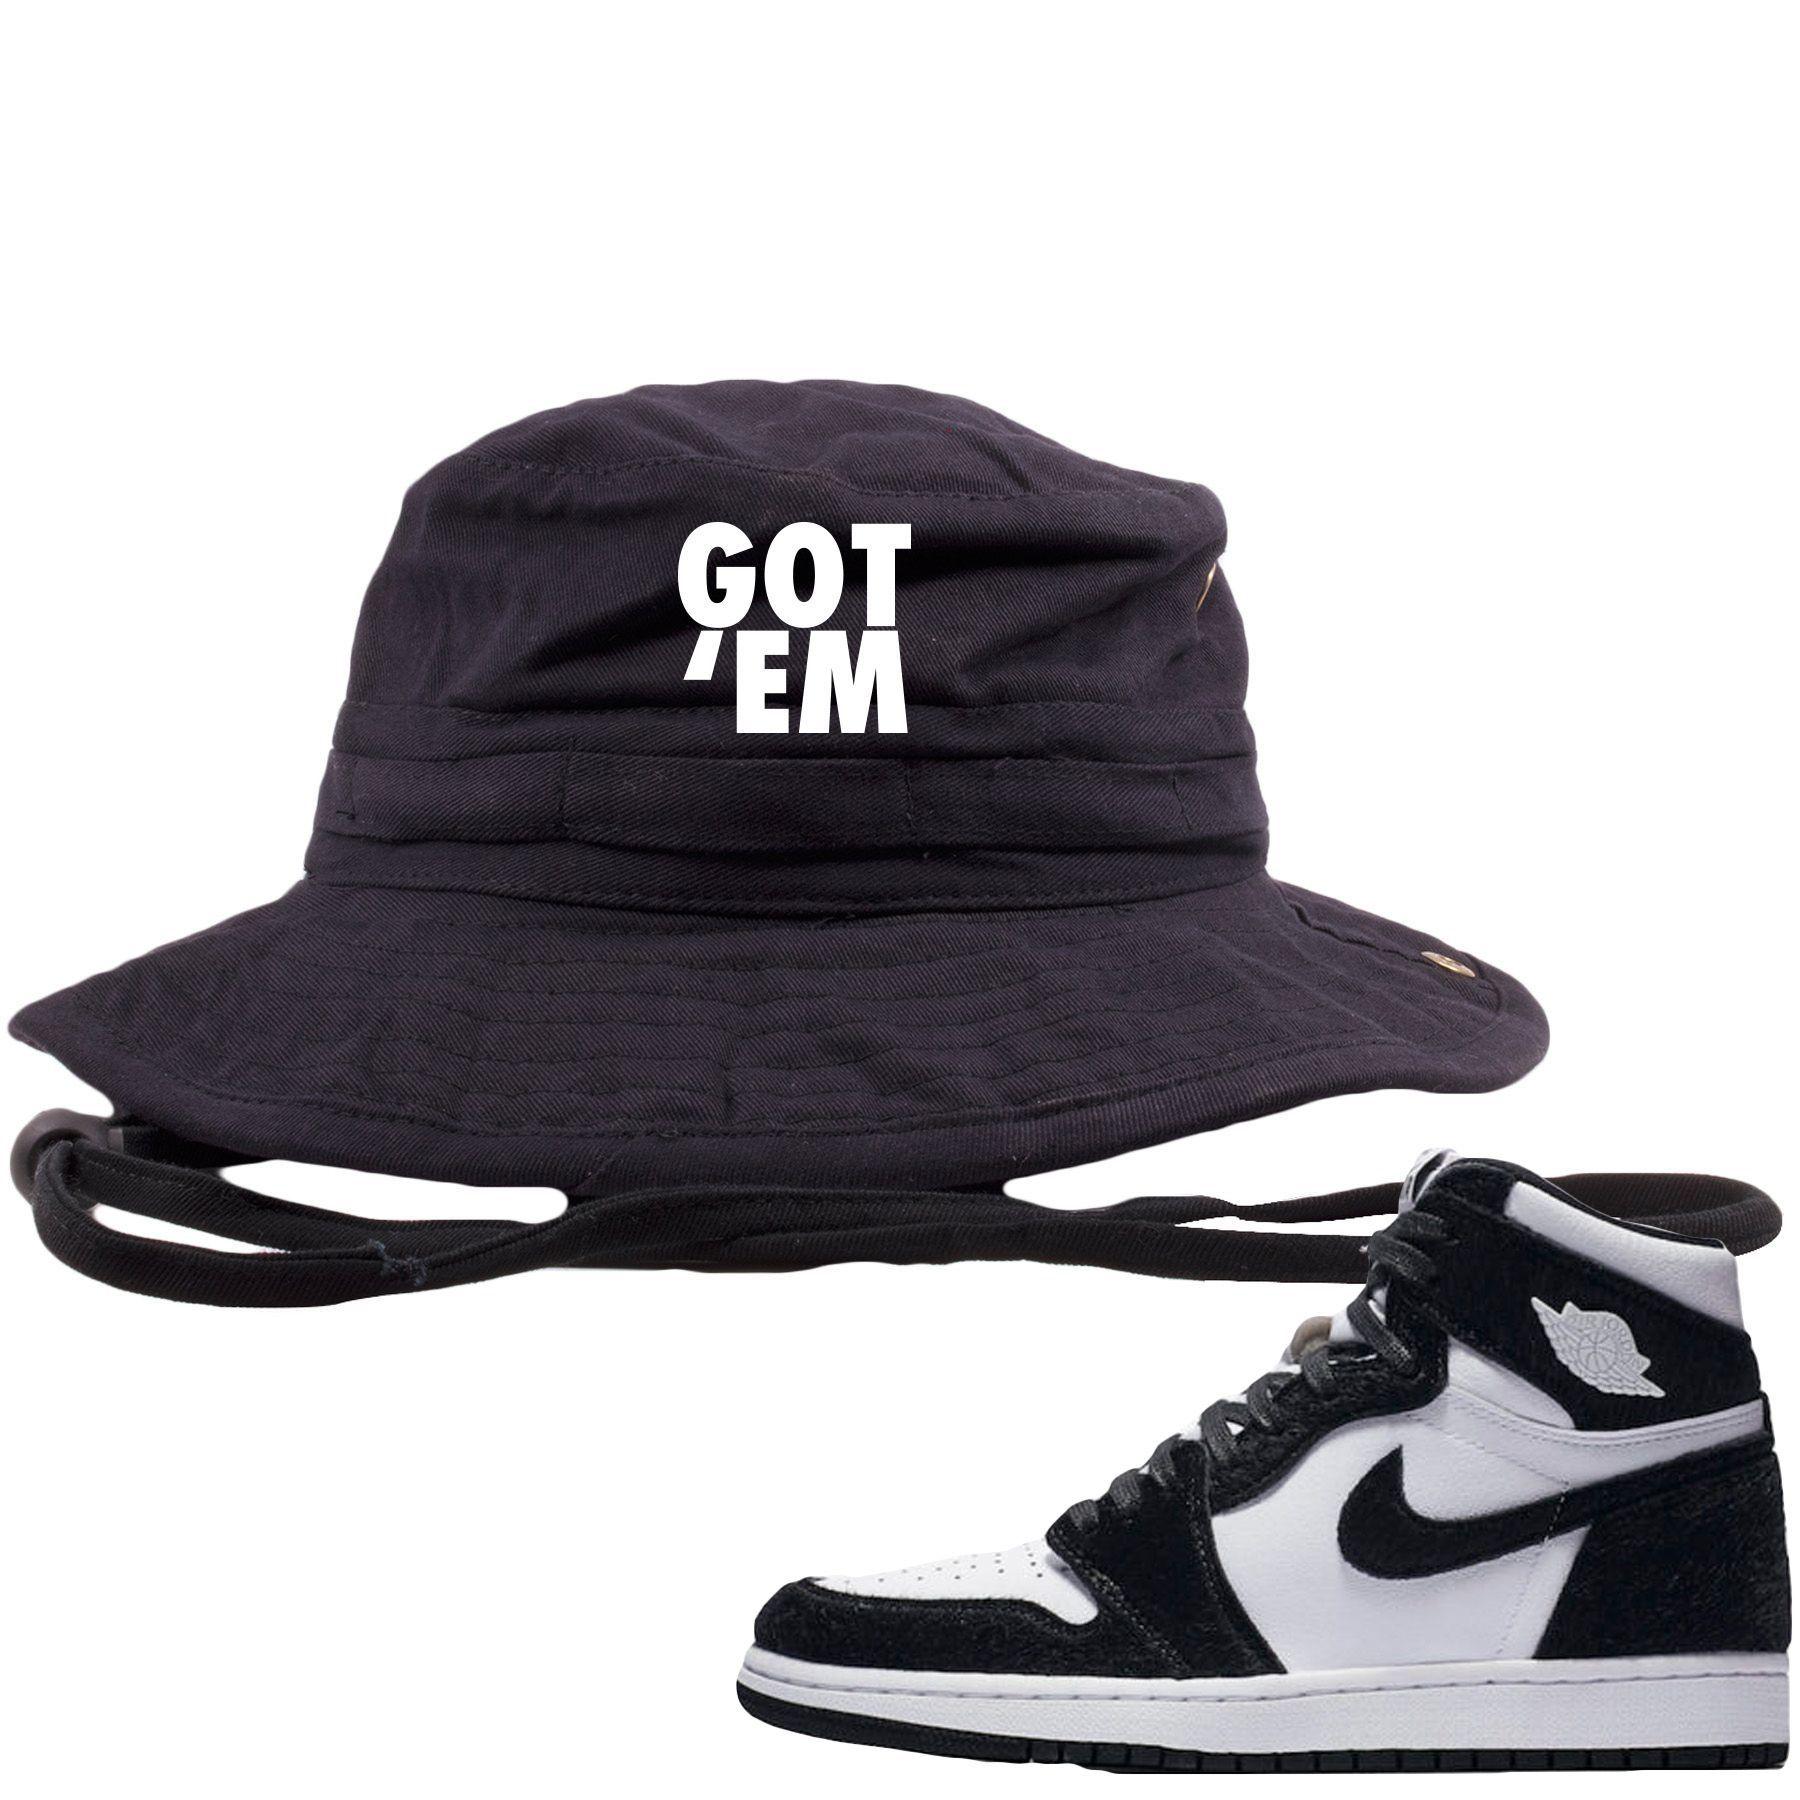 Jordan 1 Retro High OG WMNS Panda Sneaker Hook Up Got Em